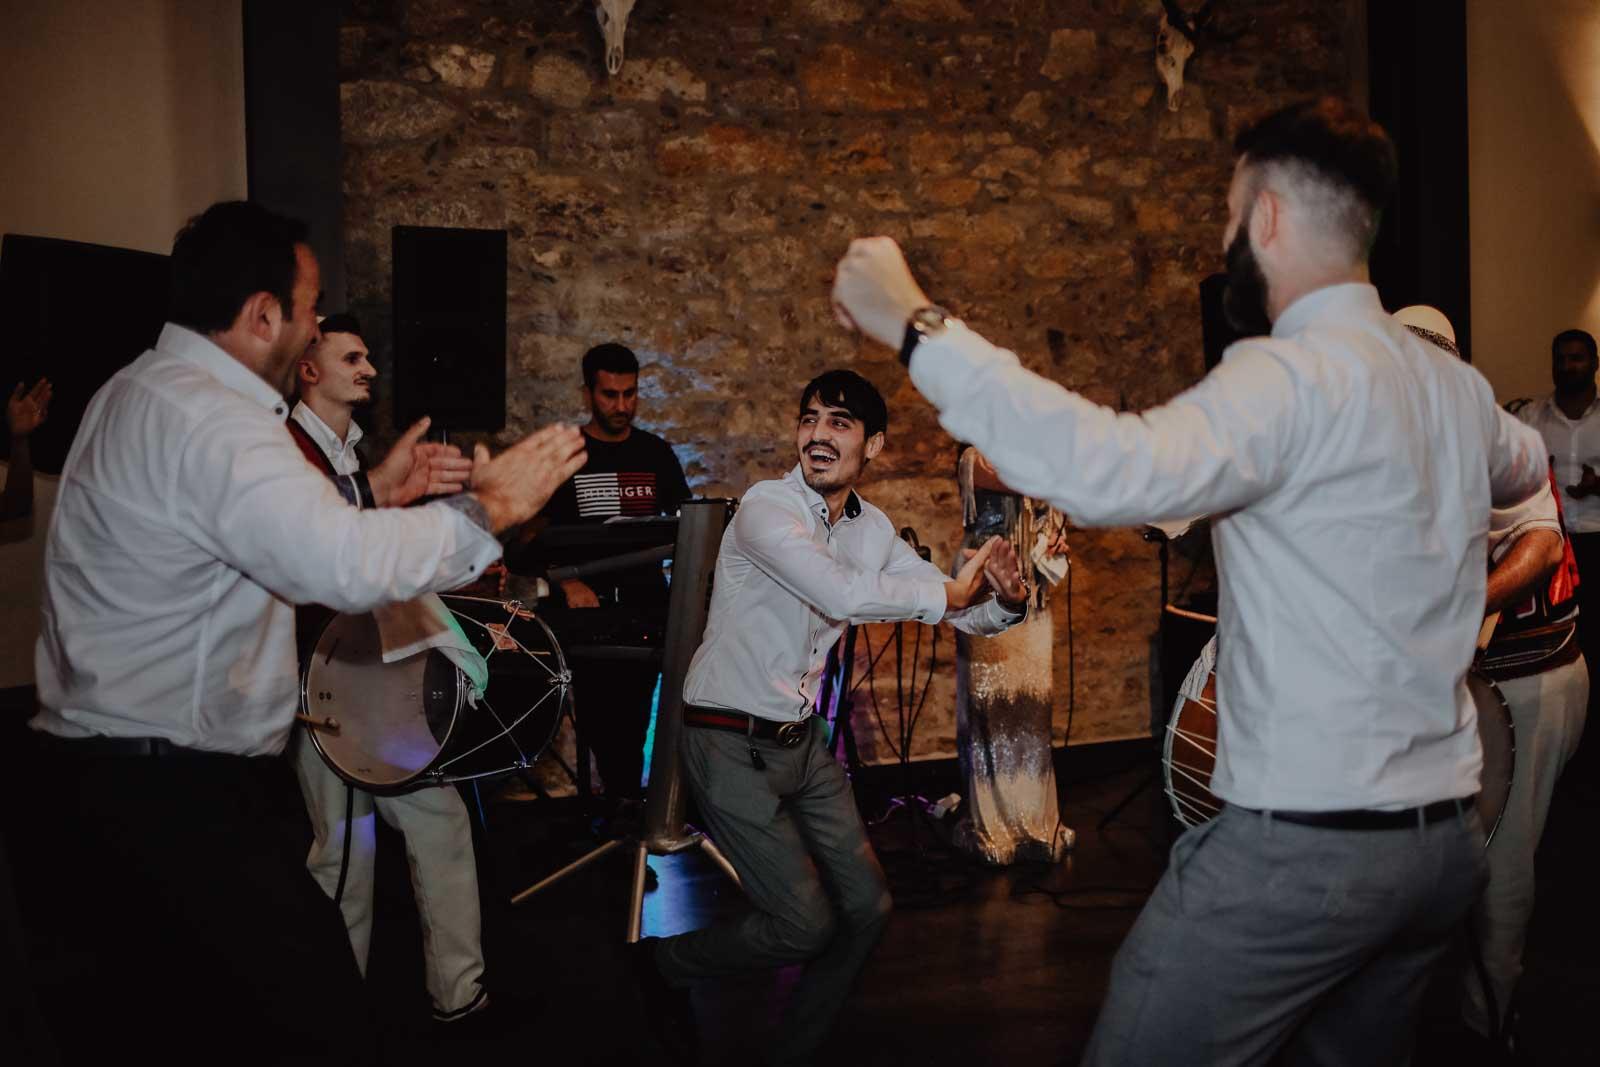 Menschen tanzen im Kreis